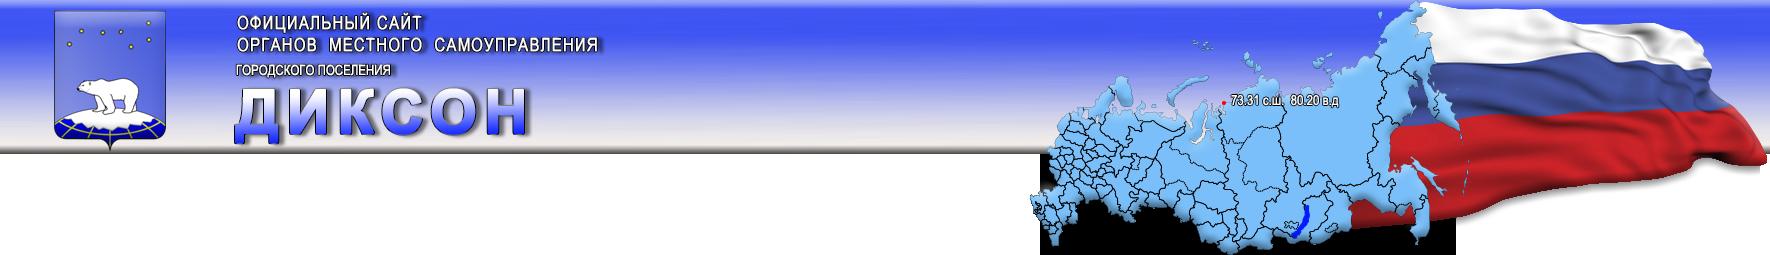 Админстрация городского поселения Диксон